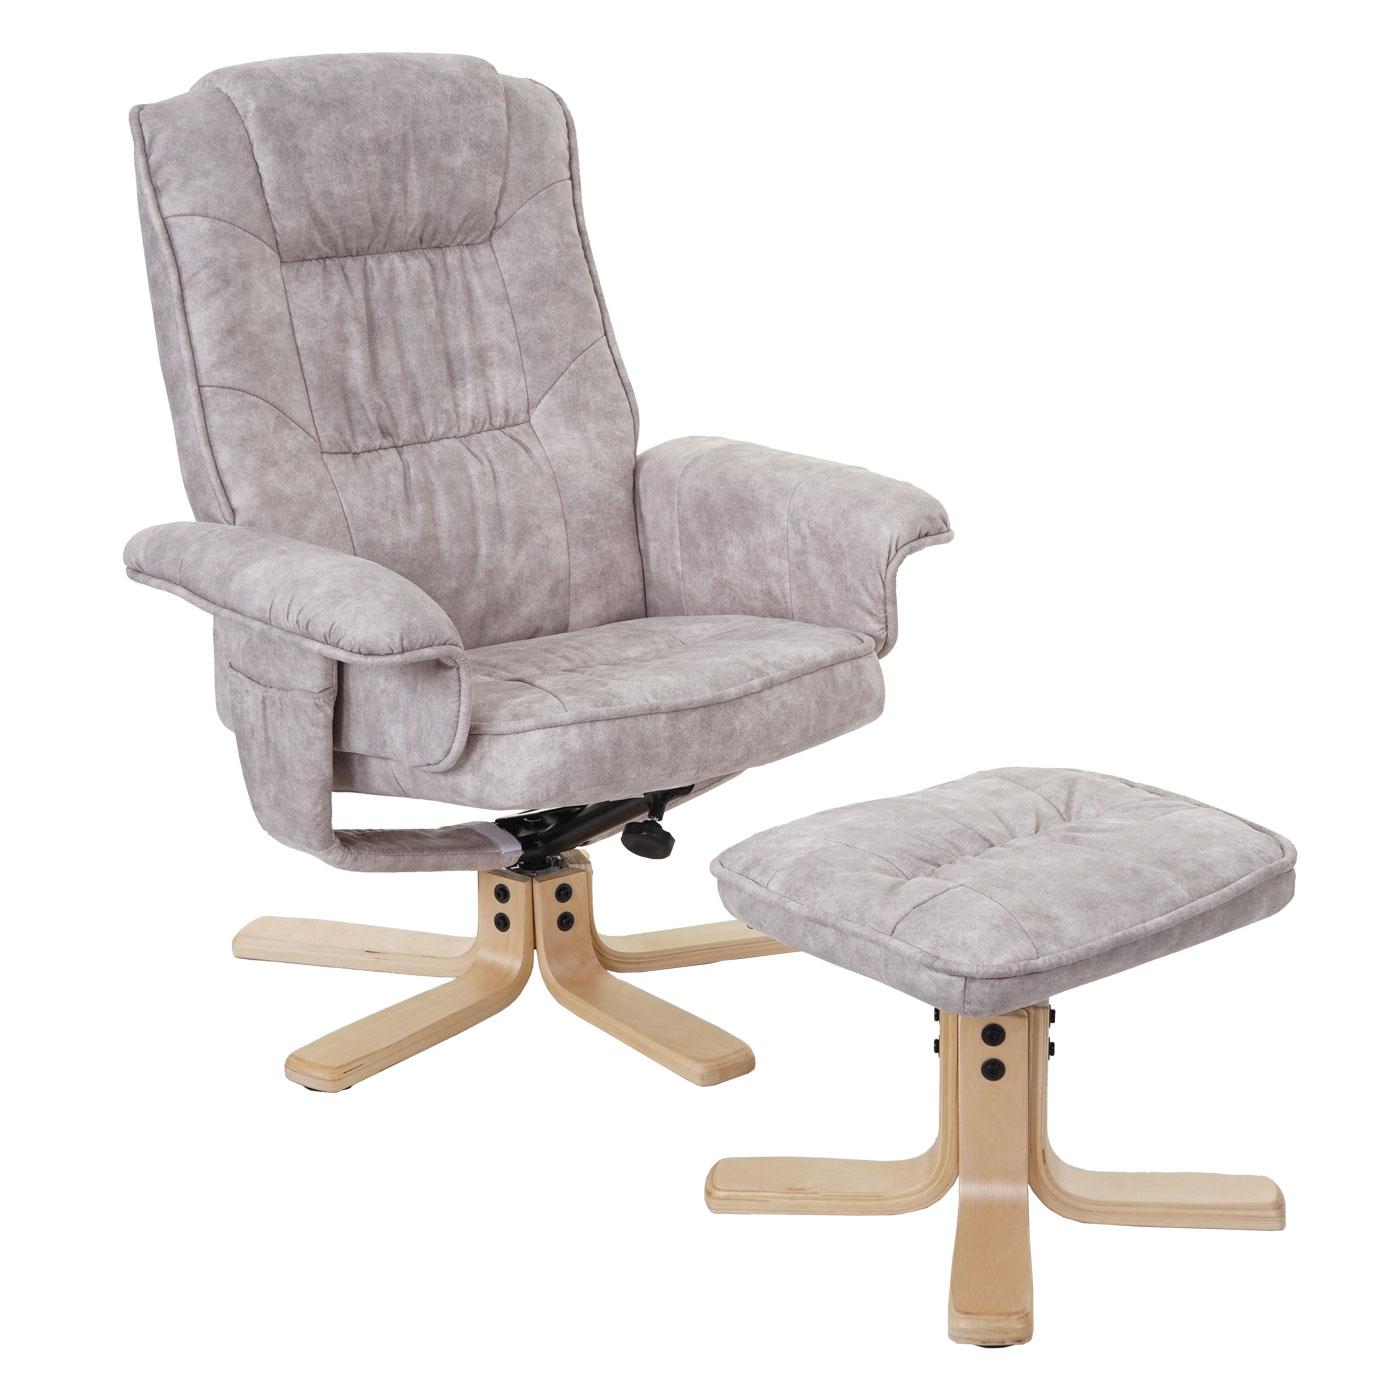 club sessel relaxstuhl lounge sessel leder g nstig schlafsessel. Black Bedroom Furniture Sets. Home Design Ideas